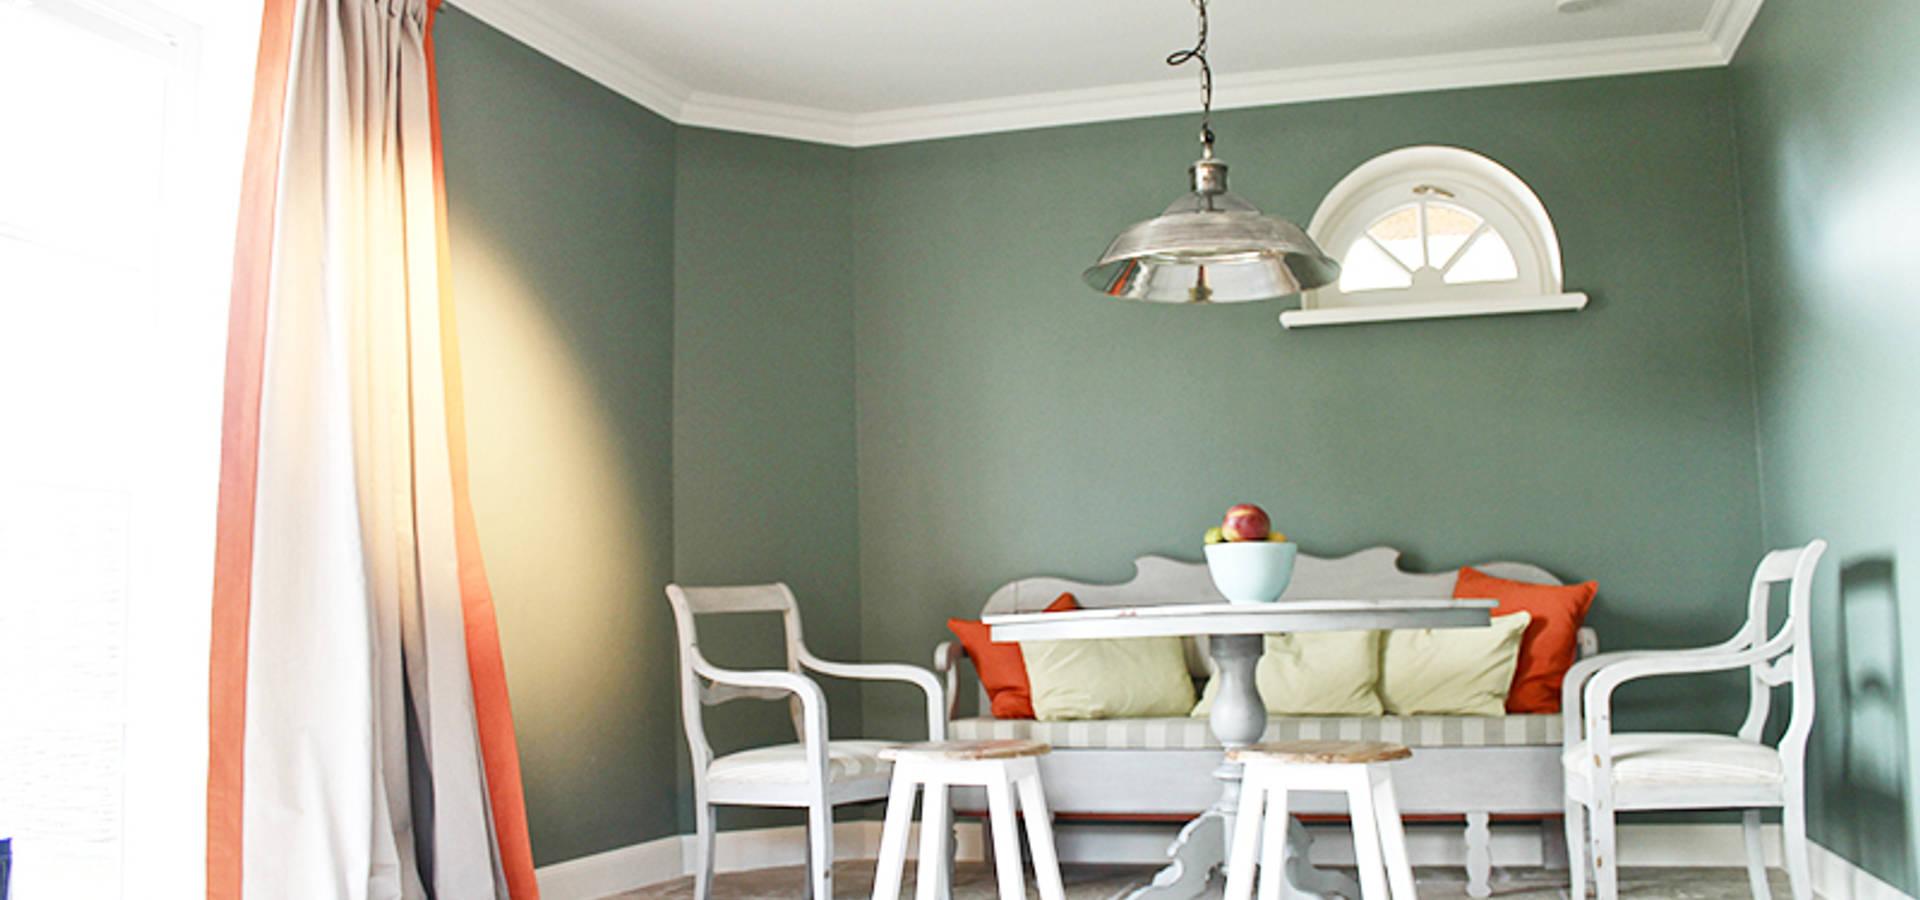 Phillys Interior Design